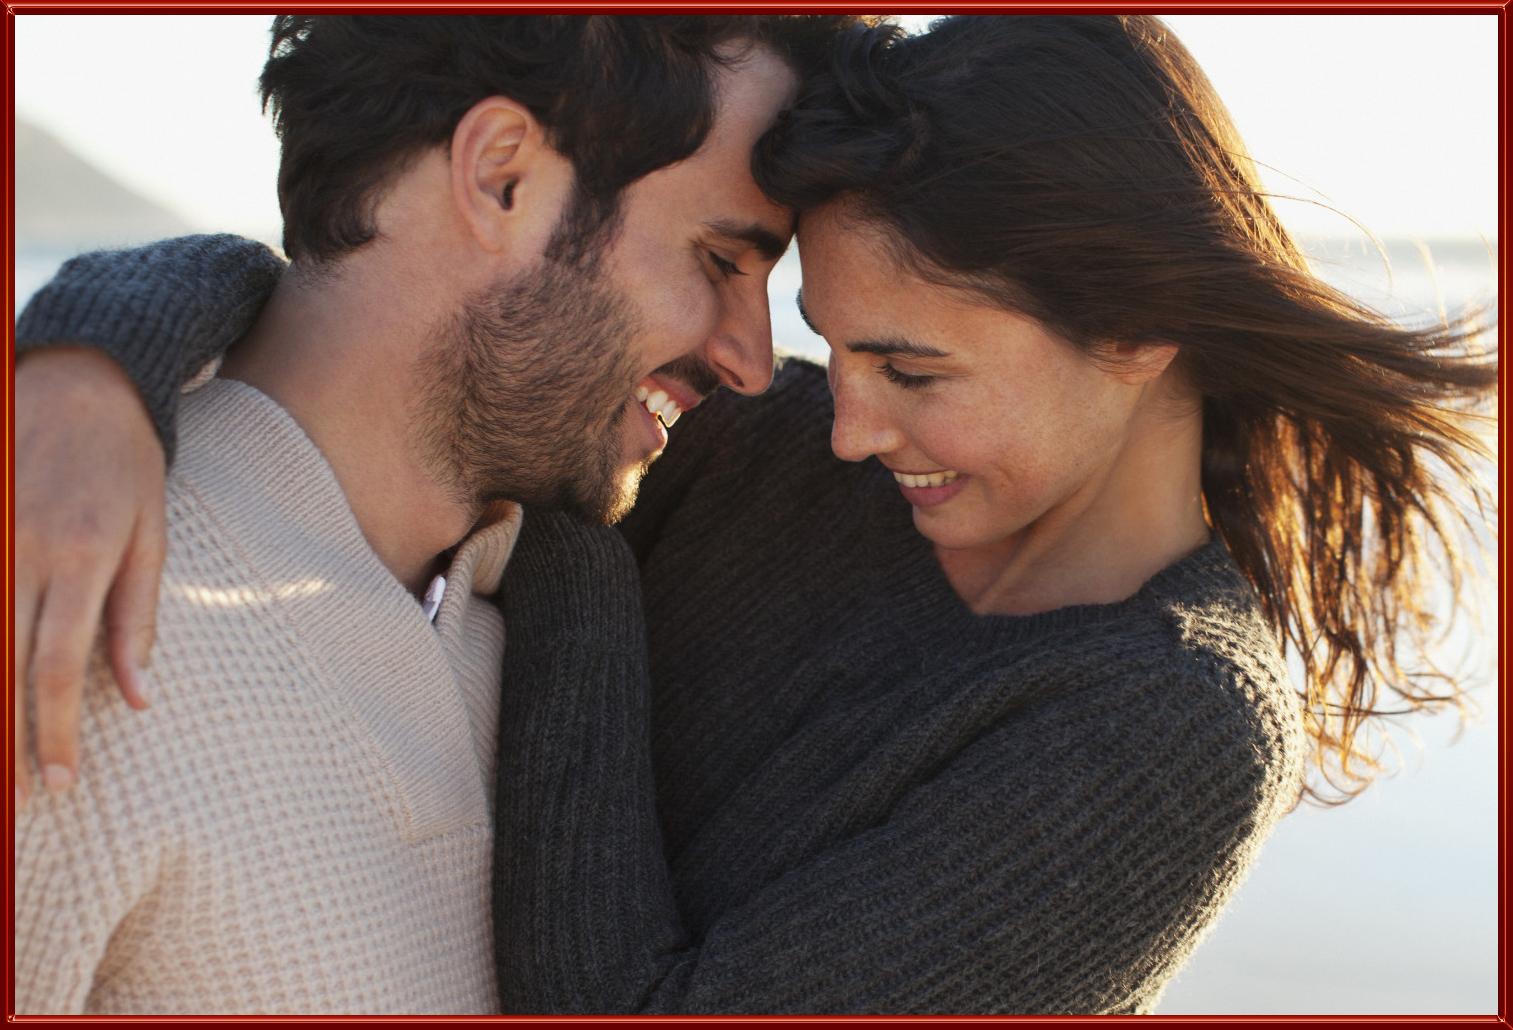 Влюбленные смотрят друг другу в глаза картинки